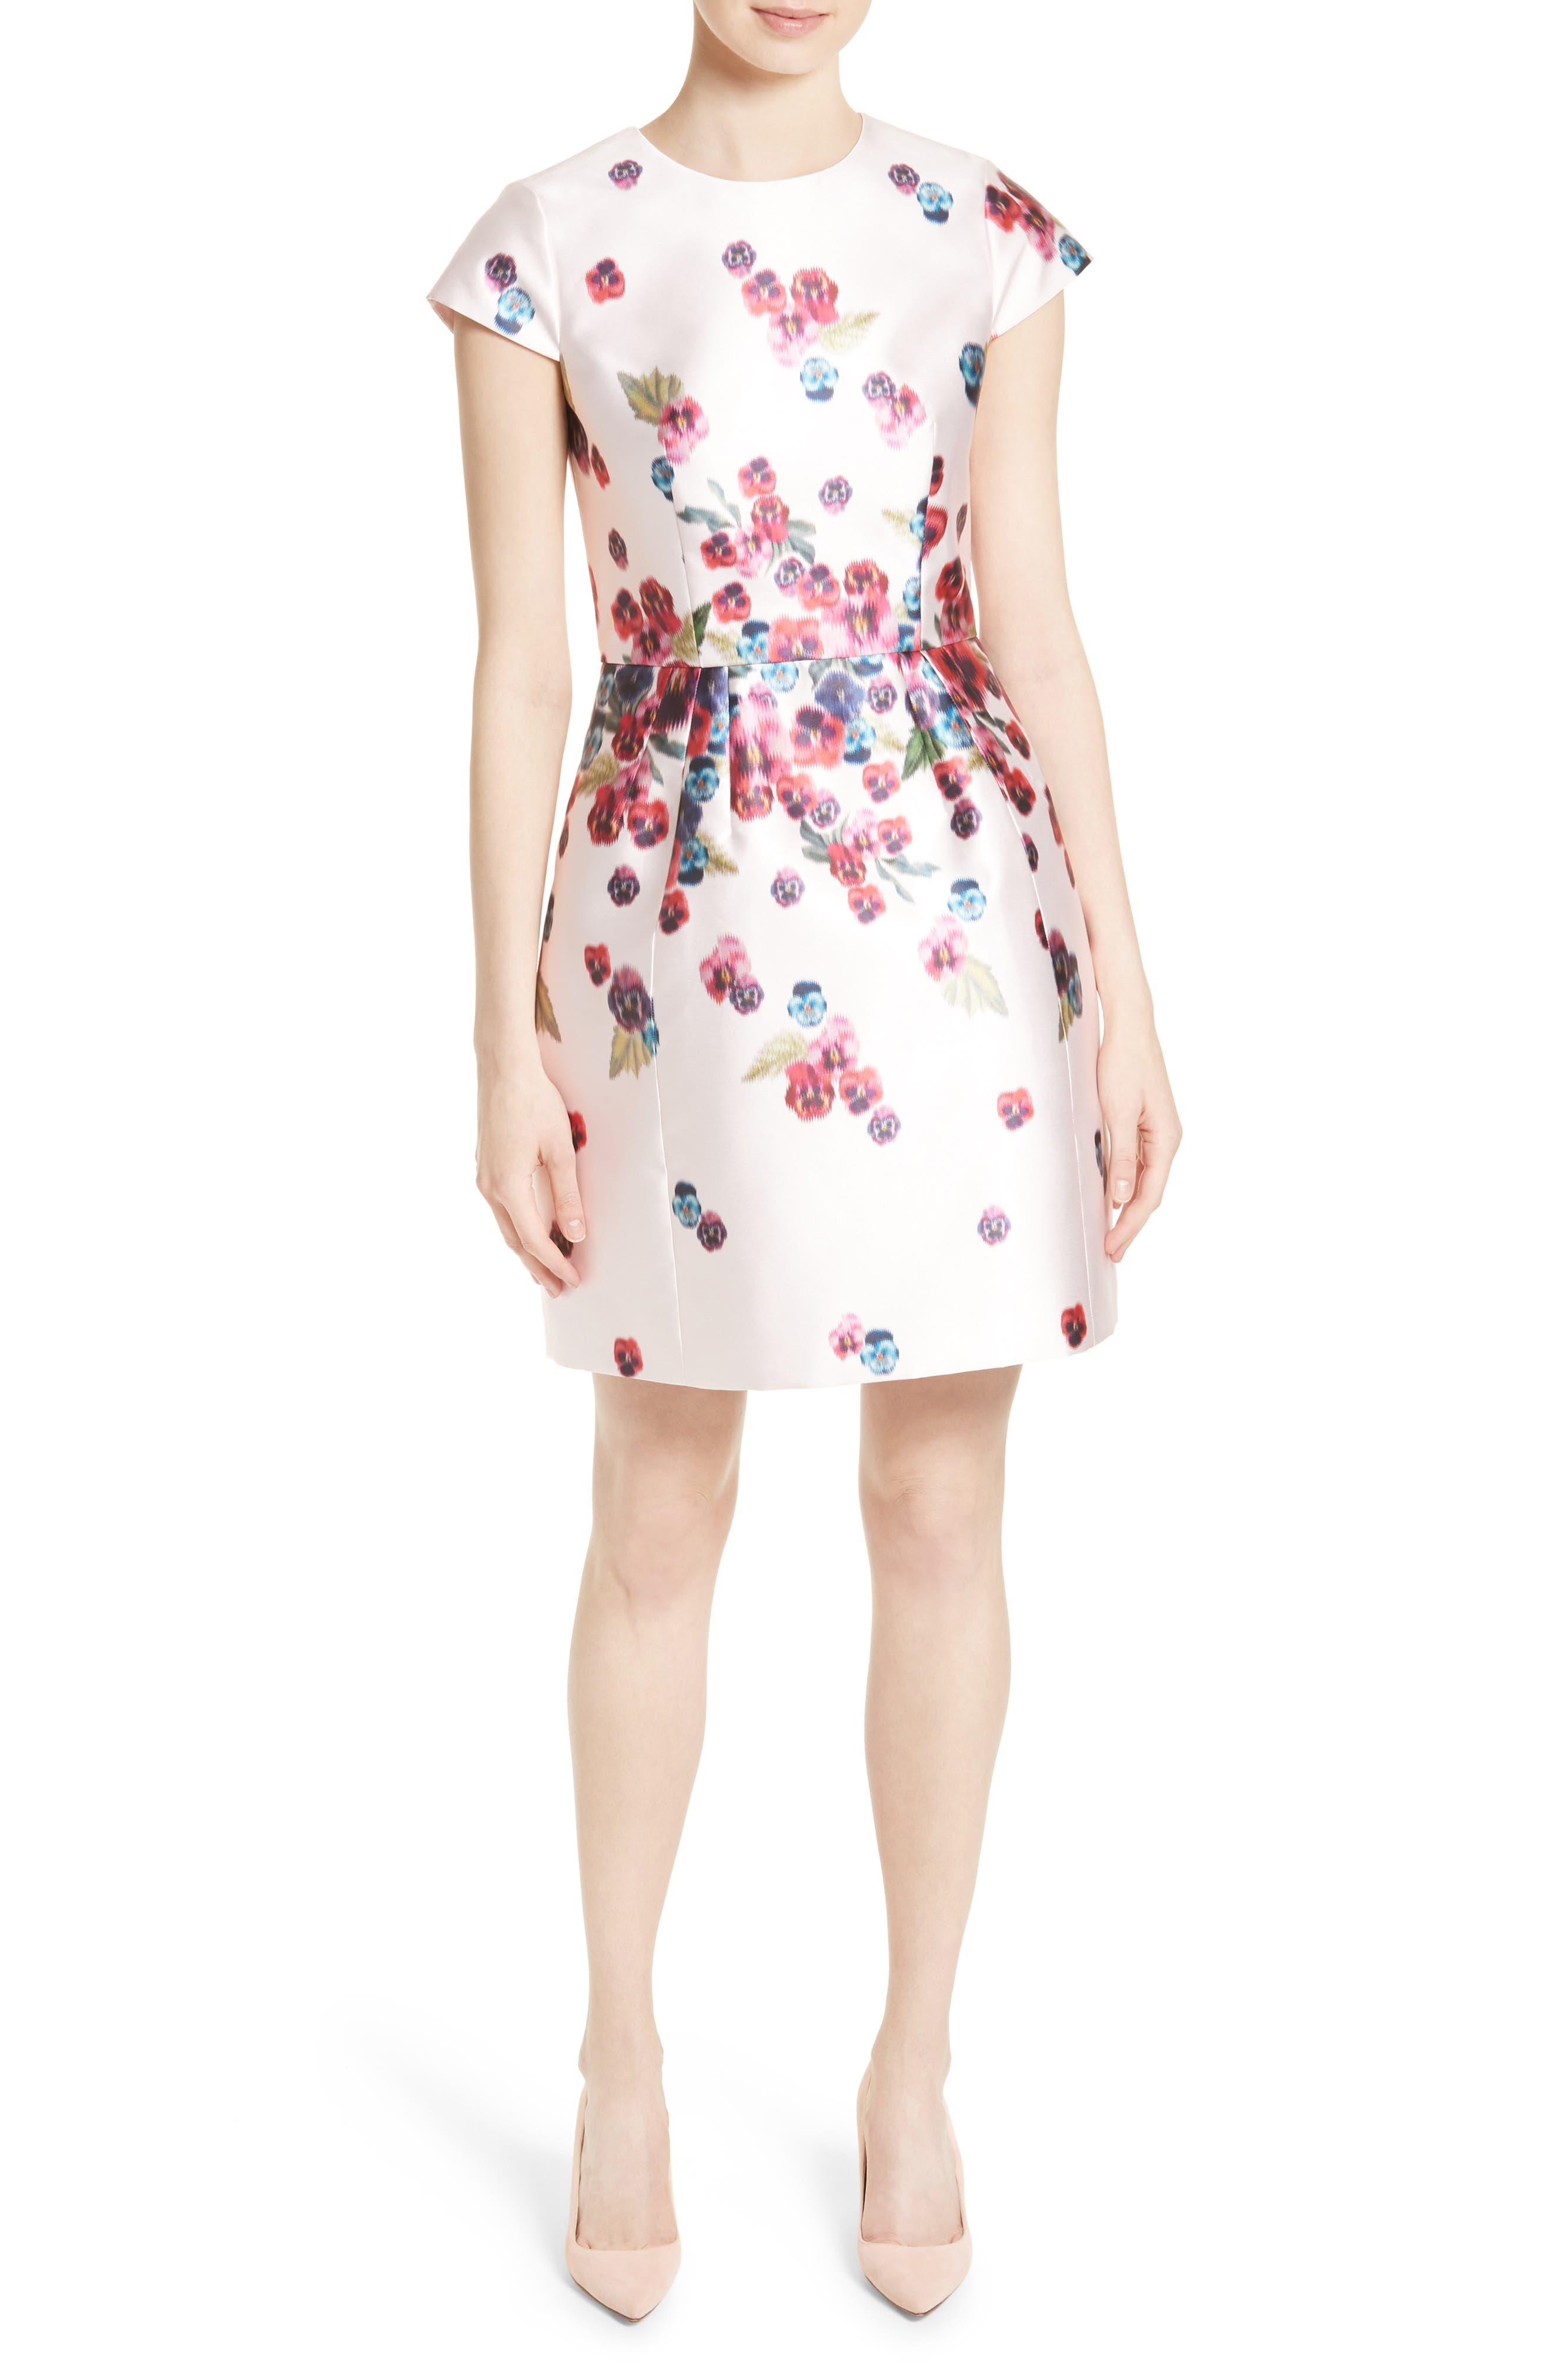 Ibia Floral Print Sheath Dress,                             Main thumbnail 1, color,                             Baby Pink